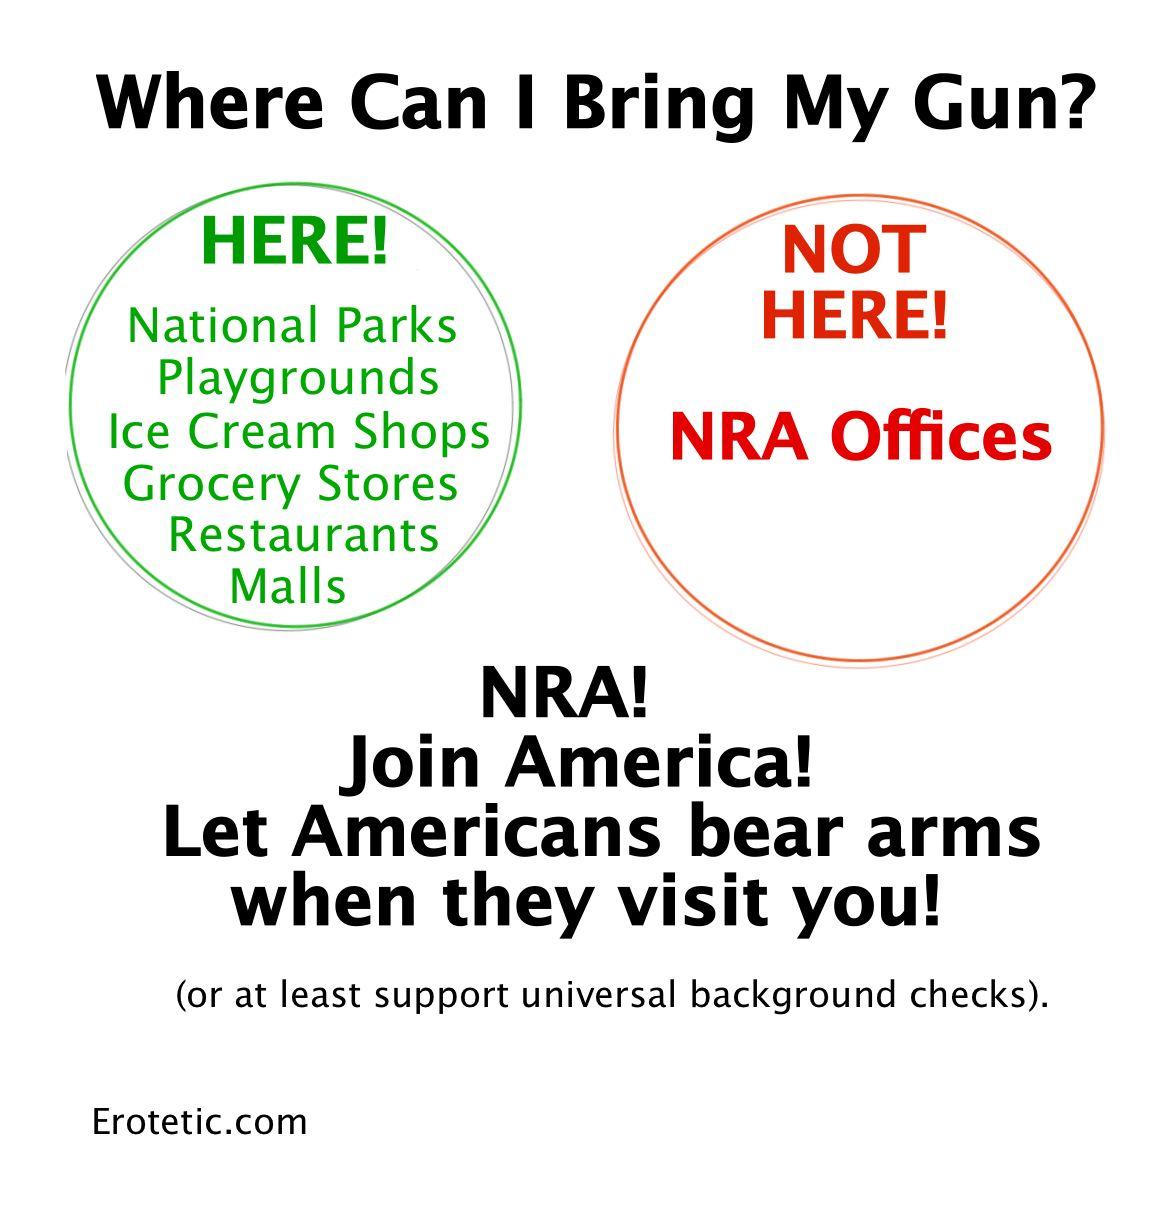 Where can I take my gun2